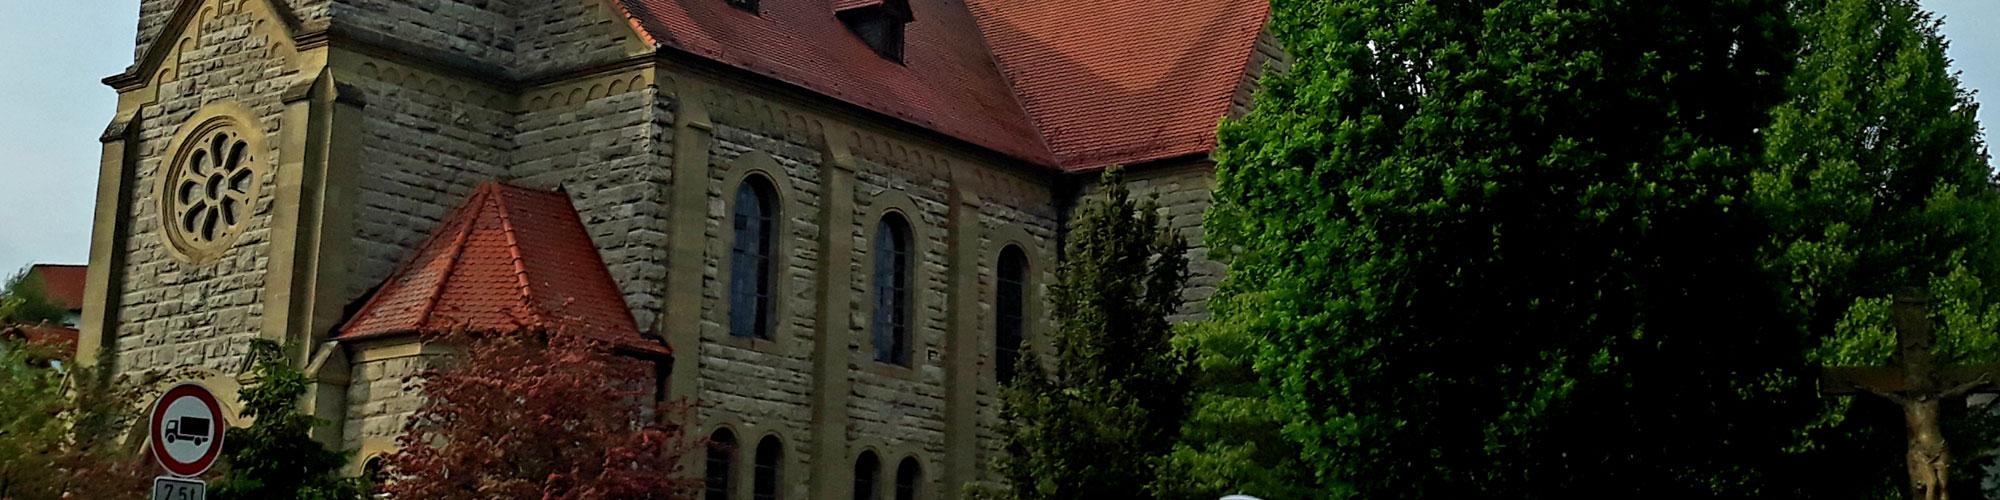 Reiterswiesen St. Laurentius